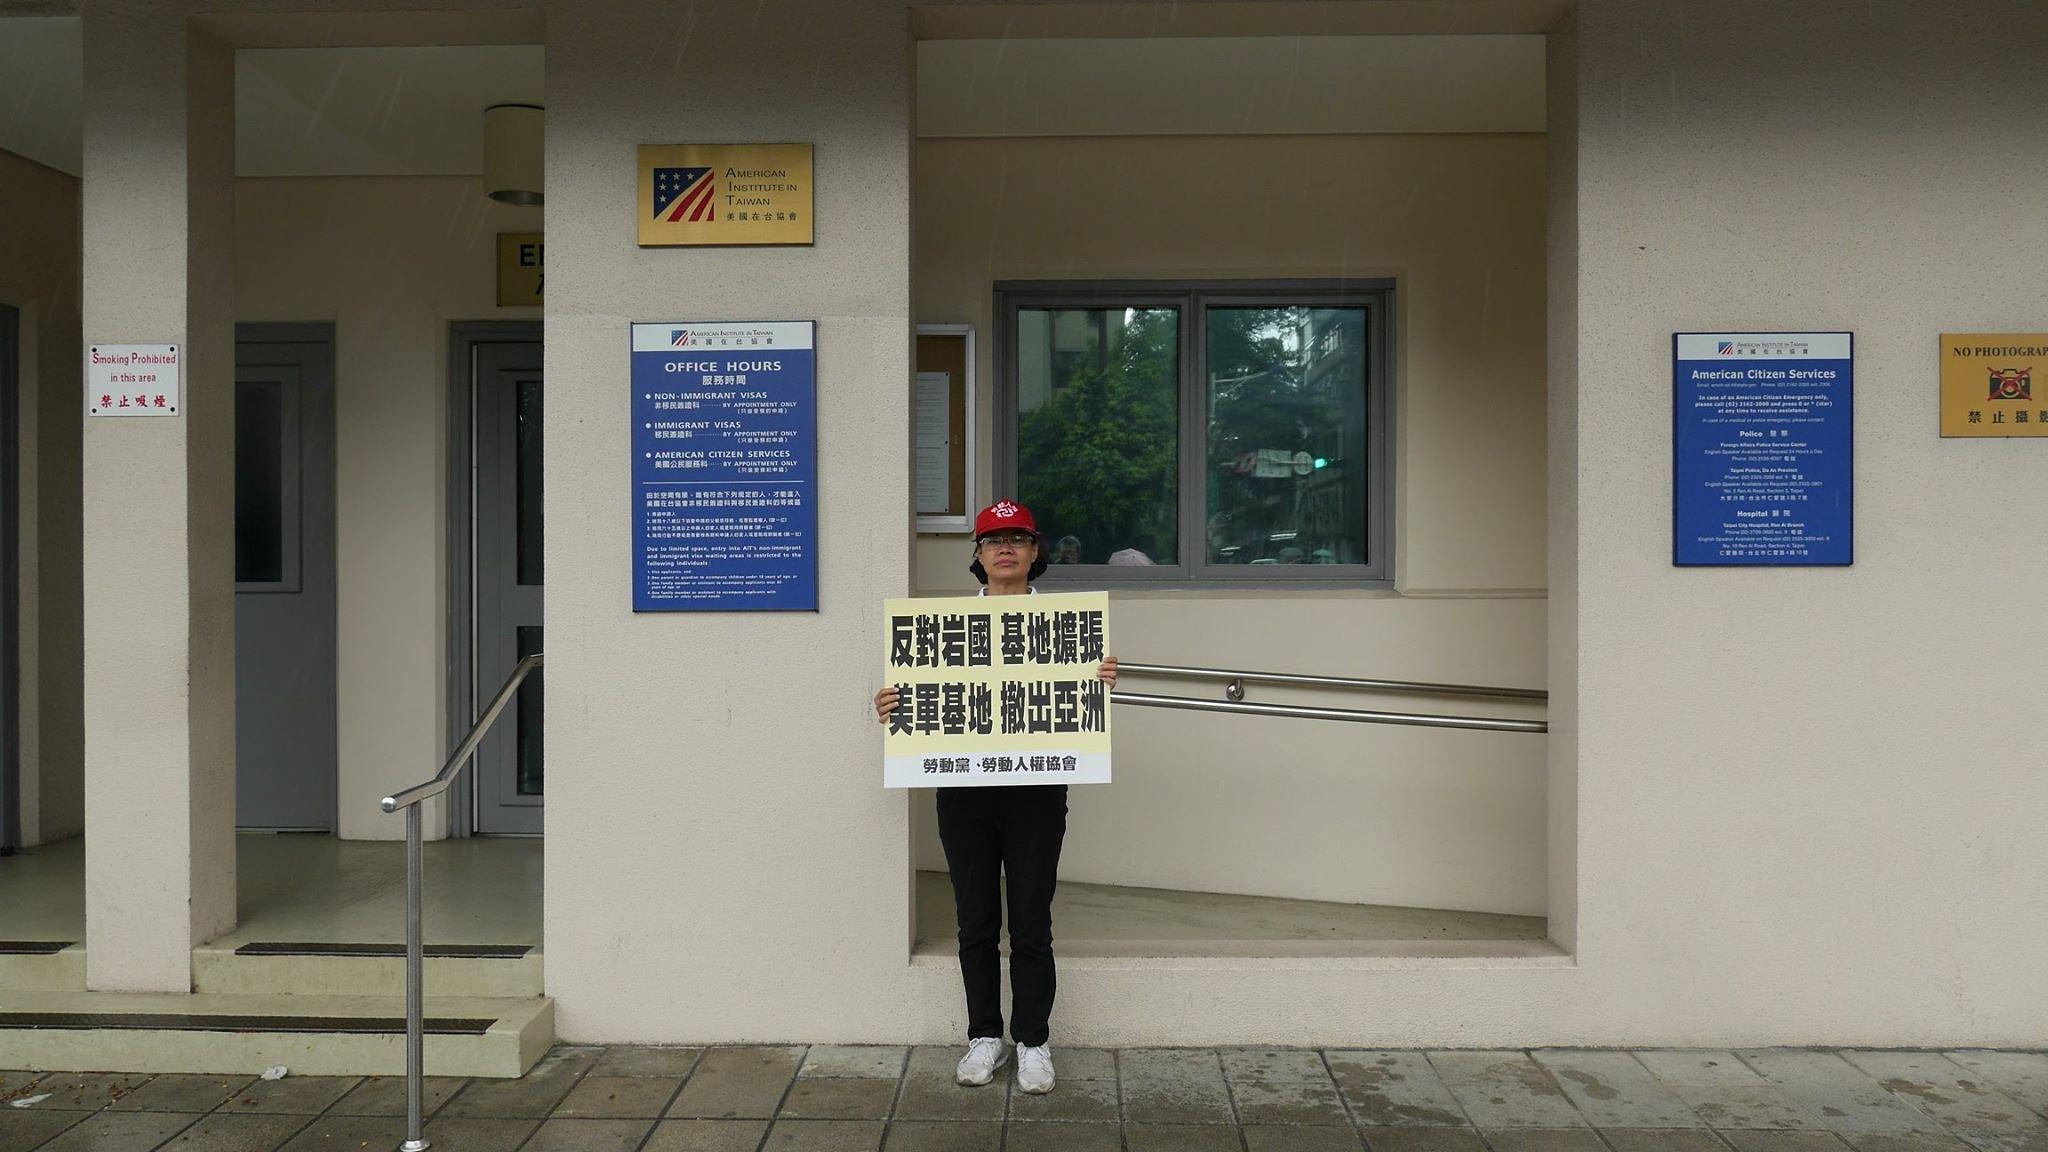 勞動人權協會執行長王娟萍在AIT前聲援反對岩國基地擴張。(照片提供:勞動人權協會)